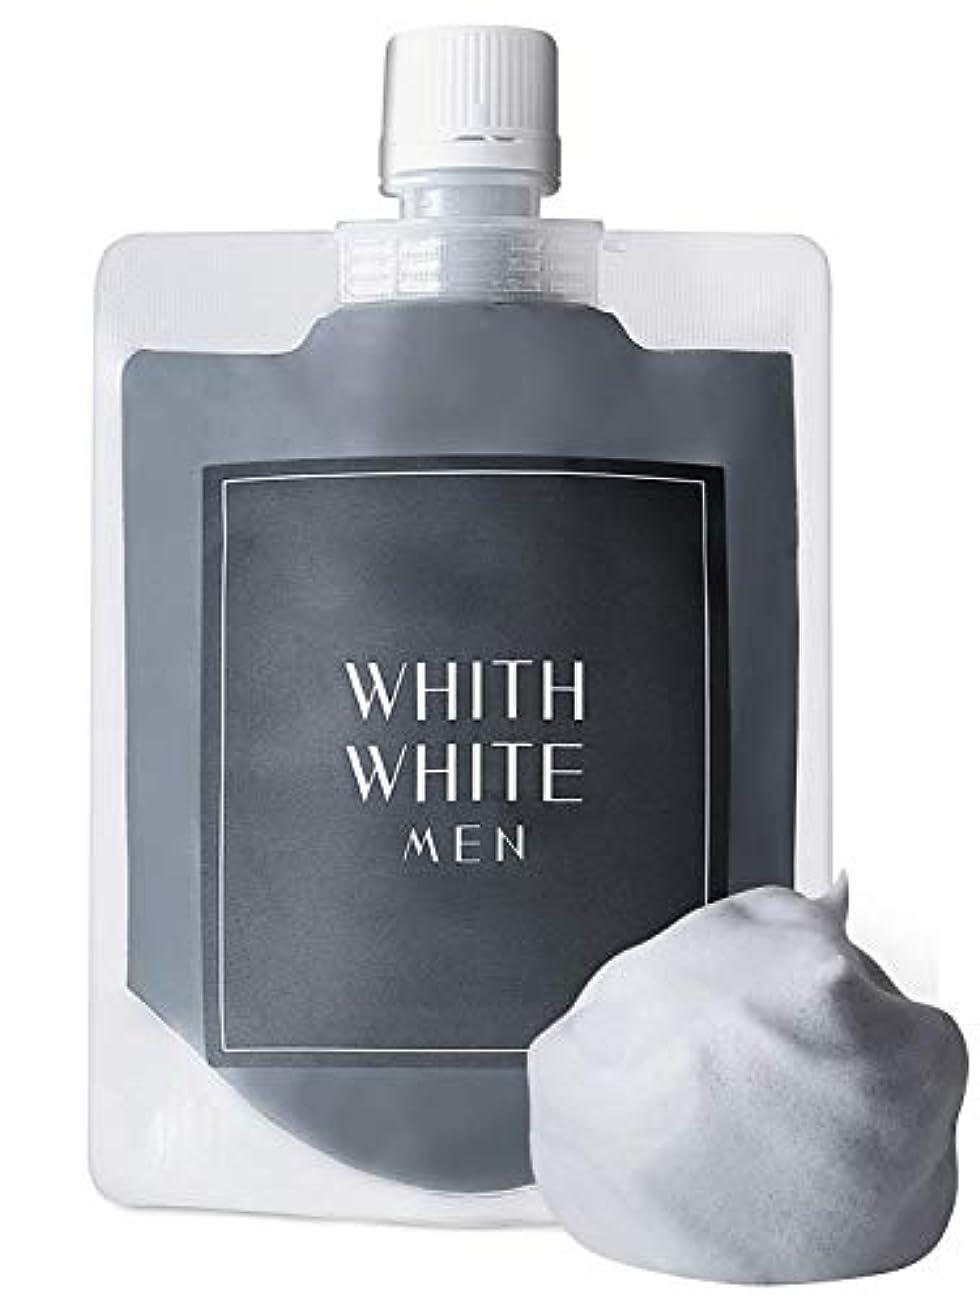 カプラー豚ペンフレンドフィス ホワイト メンズ 泥 洗顔 ネット 付き 8つの 無添加 洗顔フォーム (炭 泡 クレイ で 顔 汚れ を 落とす) (日本製 洗顔料 130g リッチ セット)(どろ で 毛穴 を ごっそり 除去)